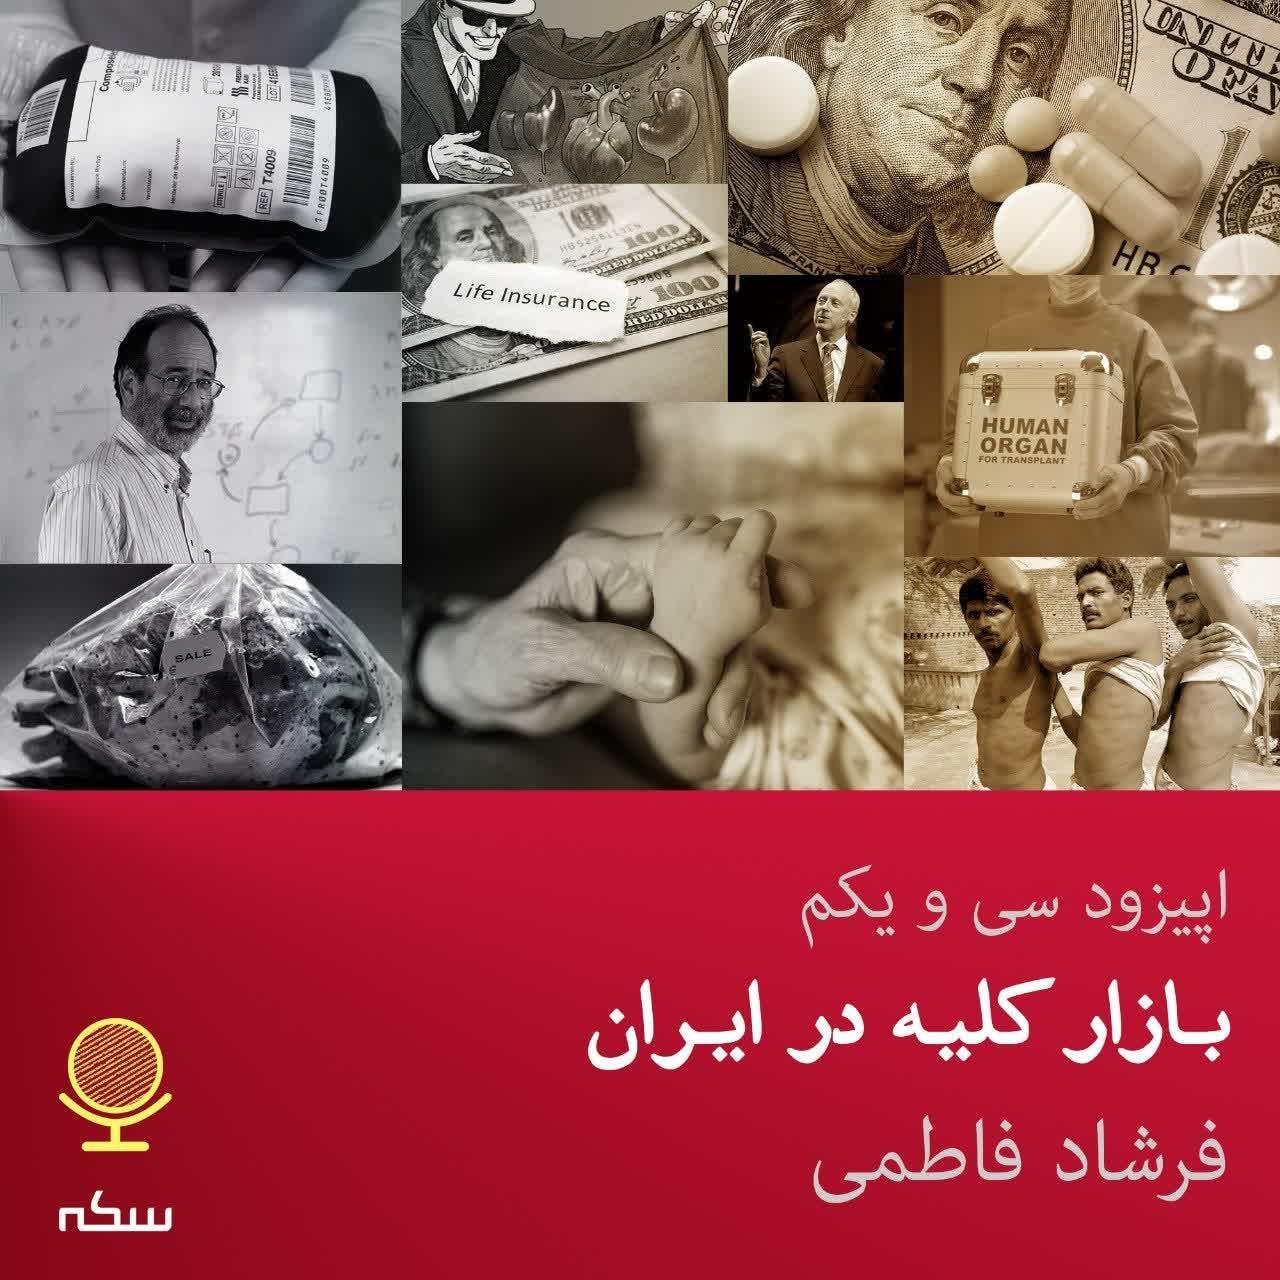 پادکست سکه   بازار کلیه در ایران